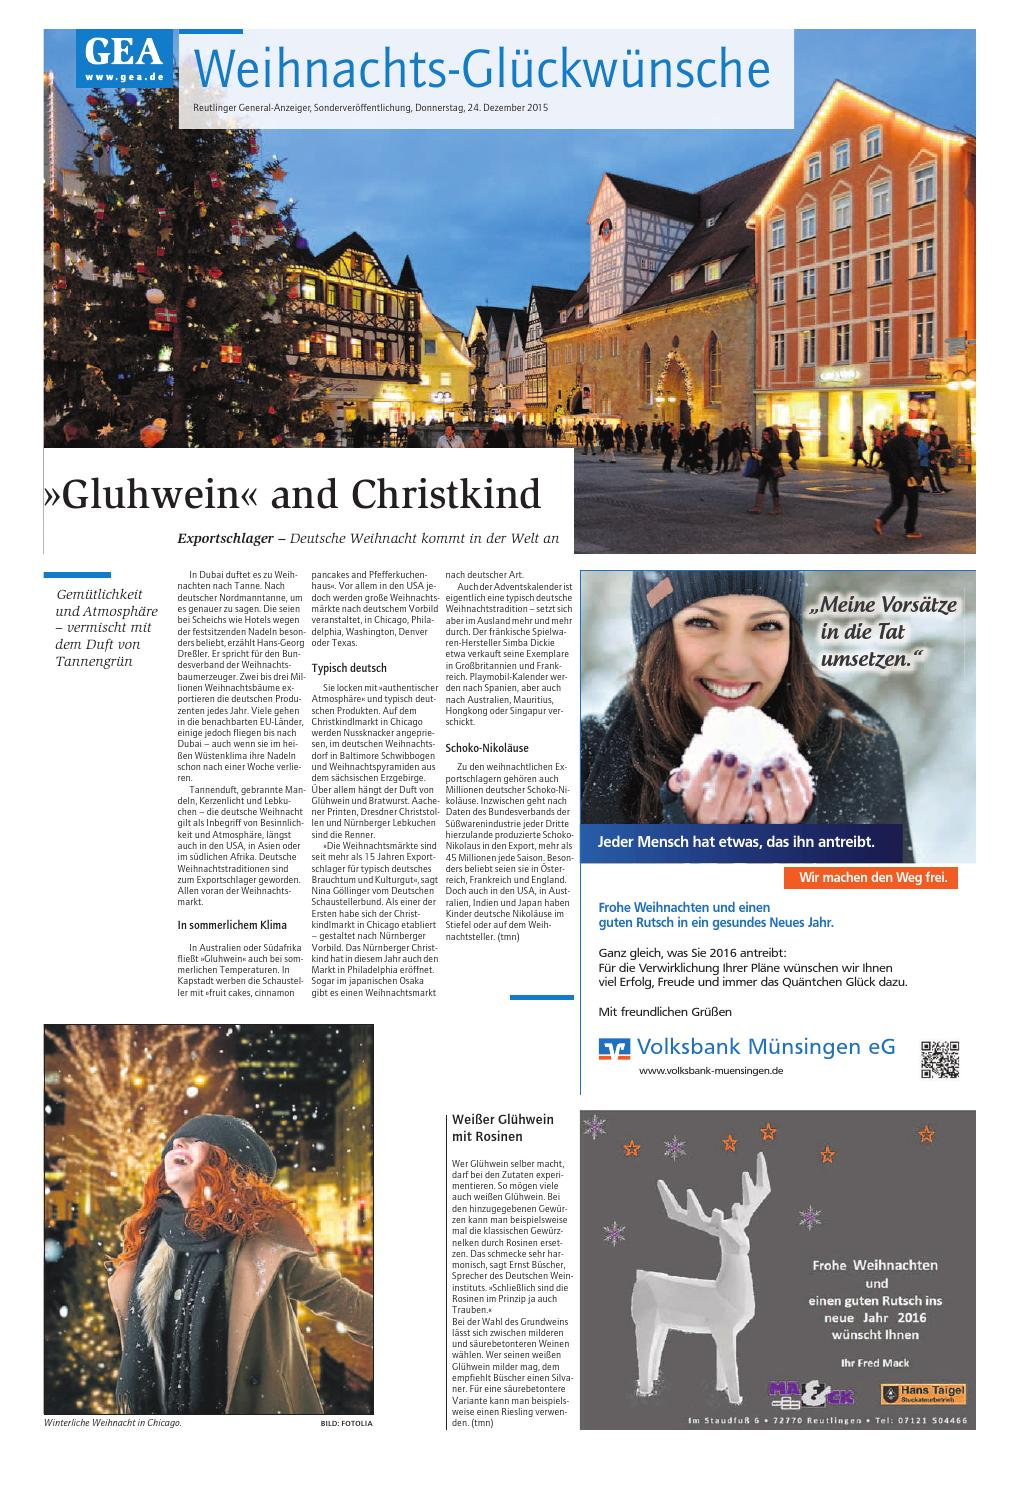 Reutlinger General-Anzeiger (Weihnachtsausgabe 2015) by GEA ...